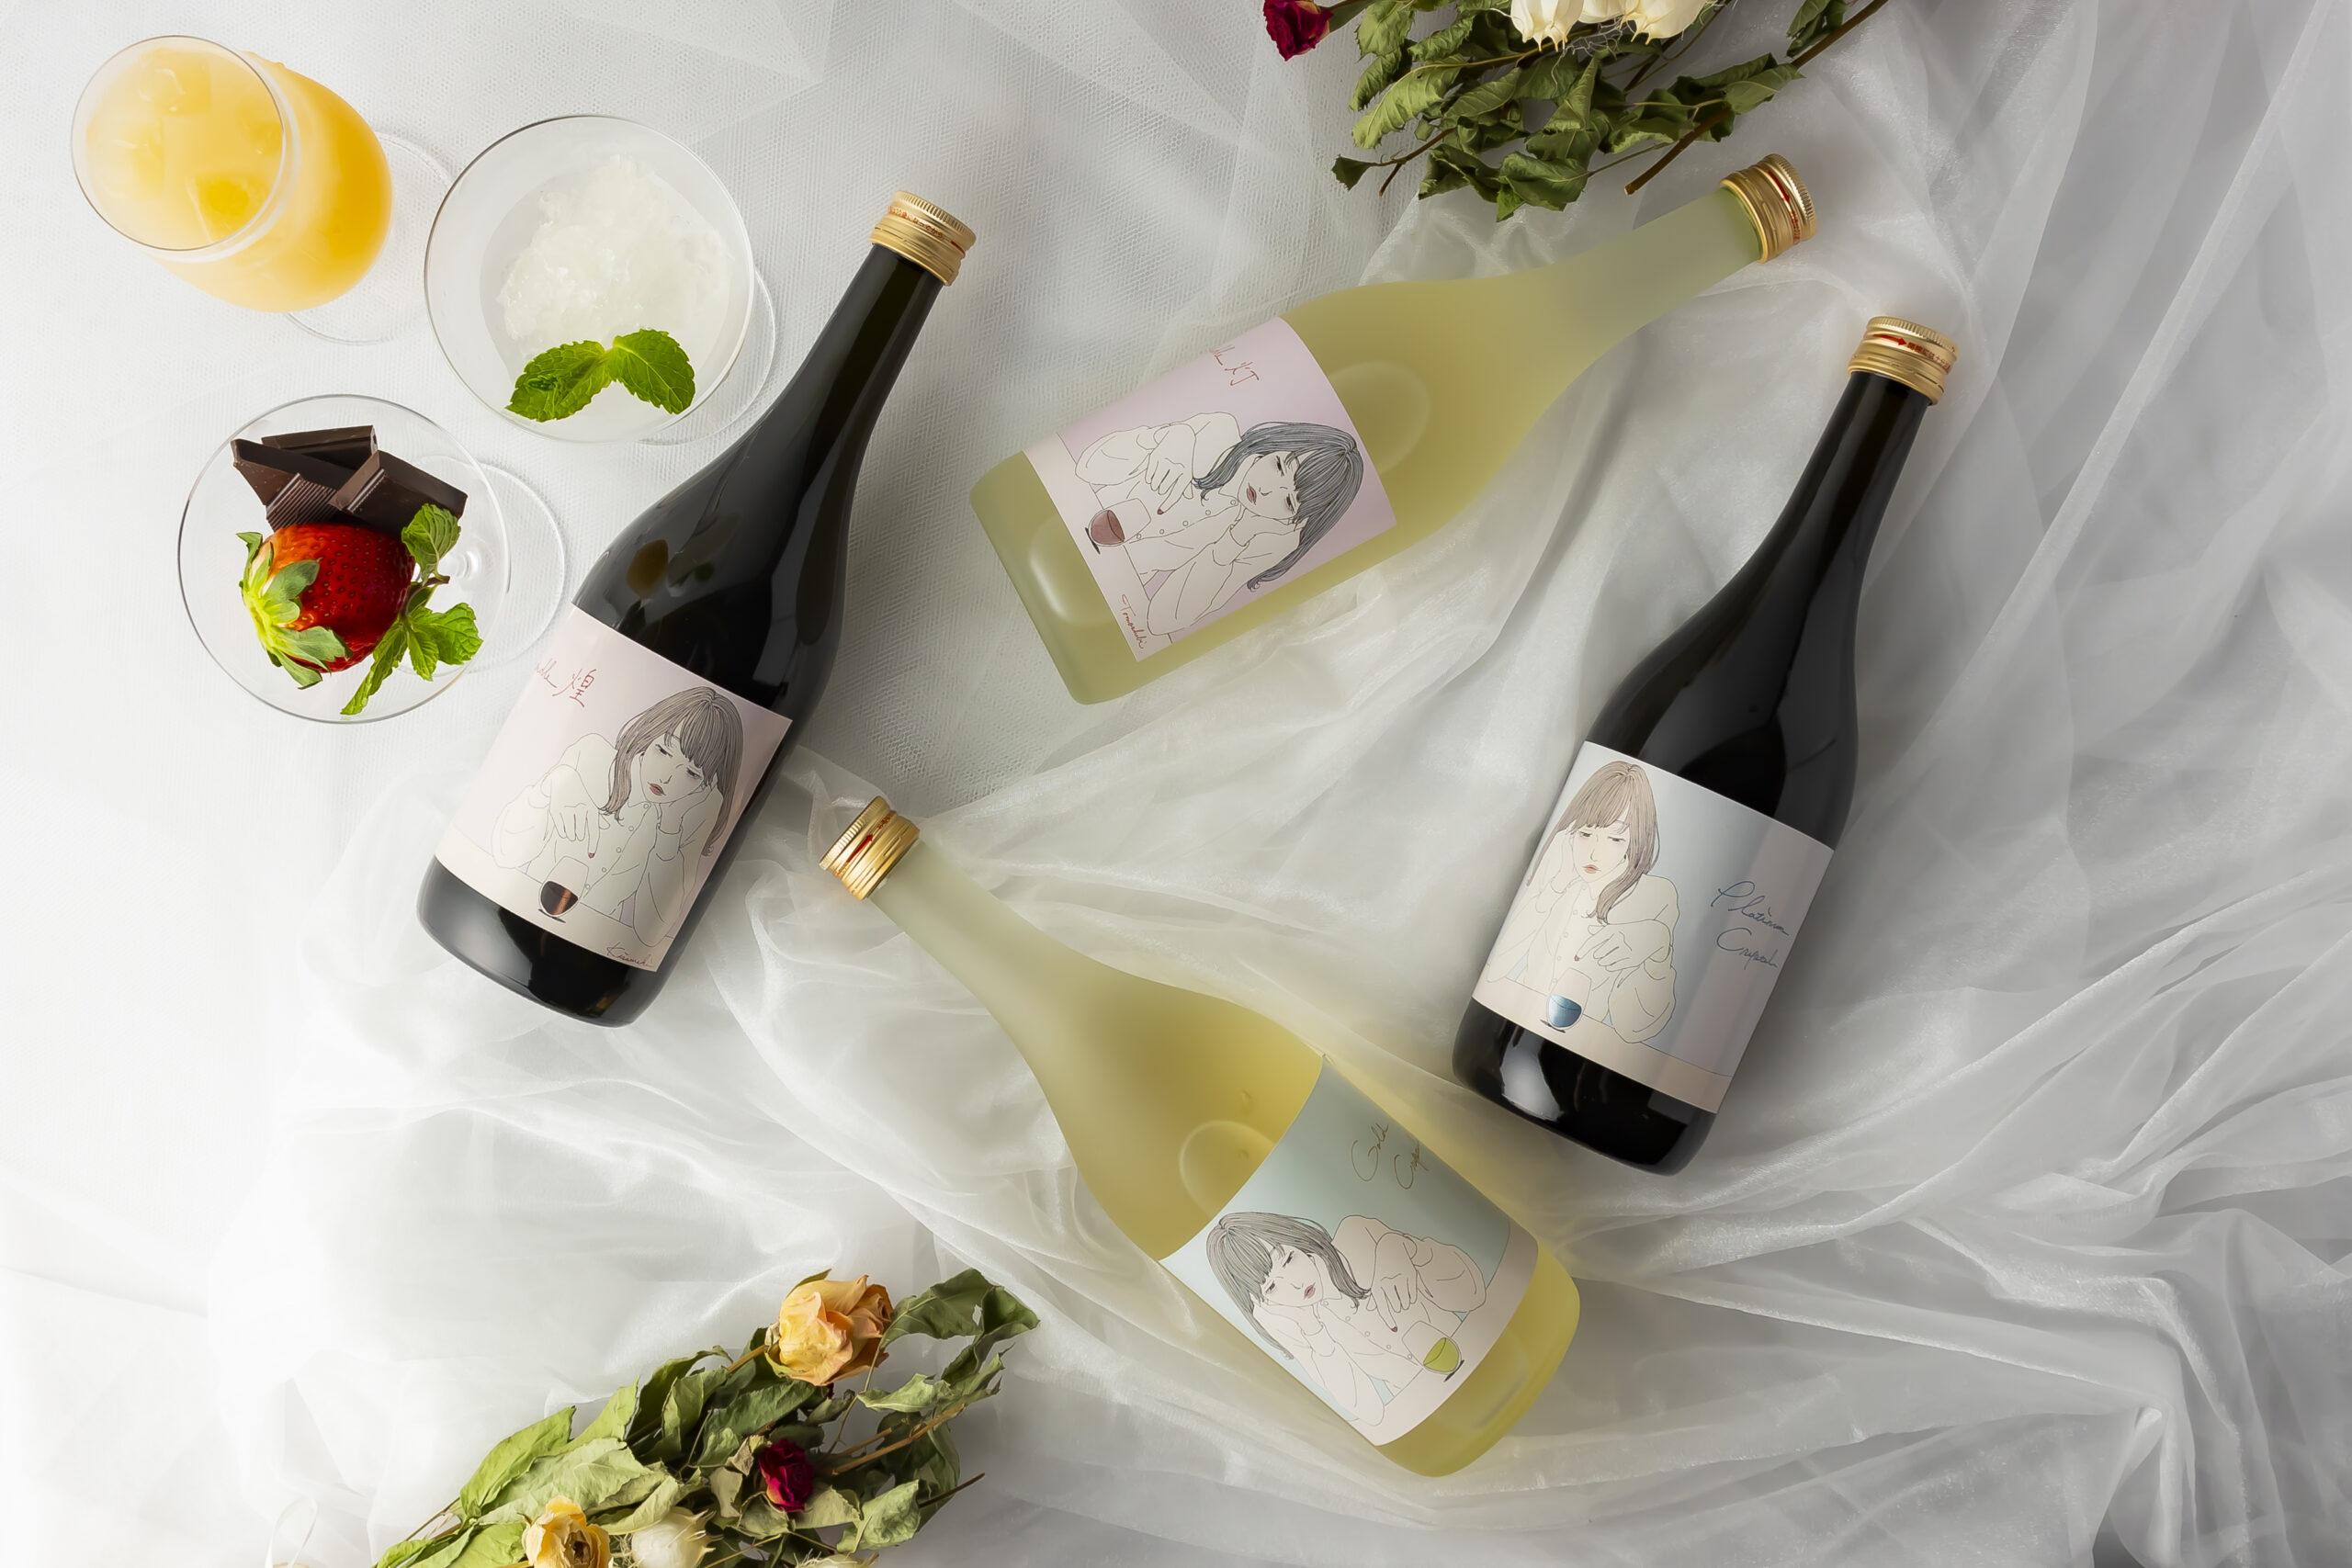 大人気イラストレーターyasunaと日本酒のコラボ!新デザイン登場。日本酒のファッションショー、Sake & Art Candle Collection 2021 Summer -Vivid-が開幕。